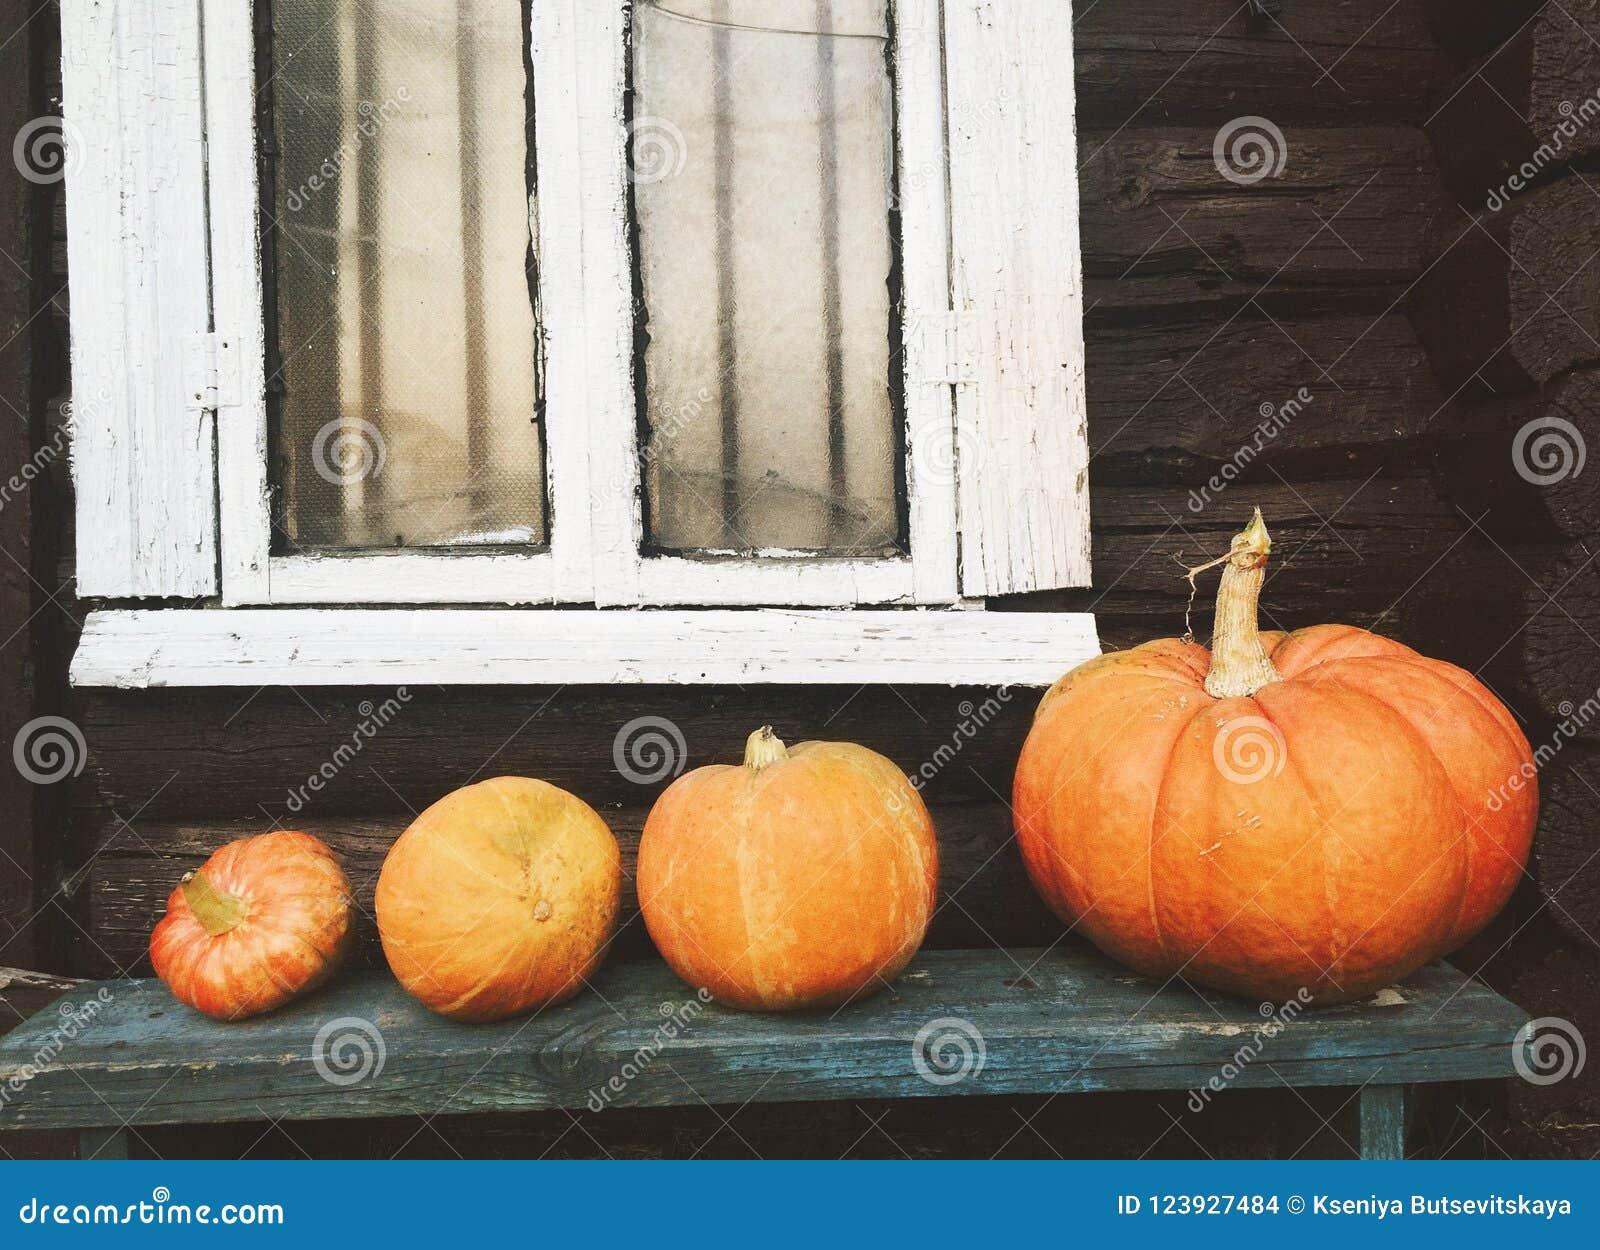 Pumpkins on a bench, autumn